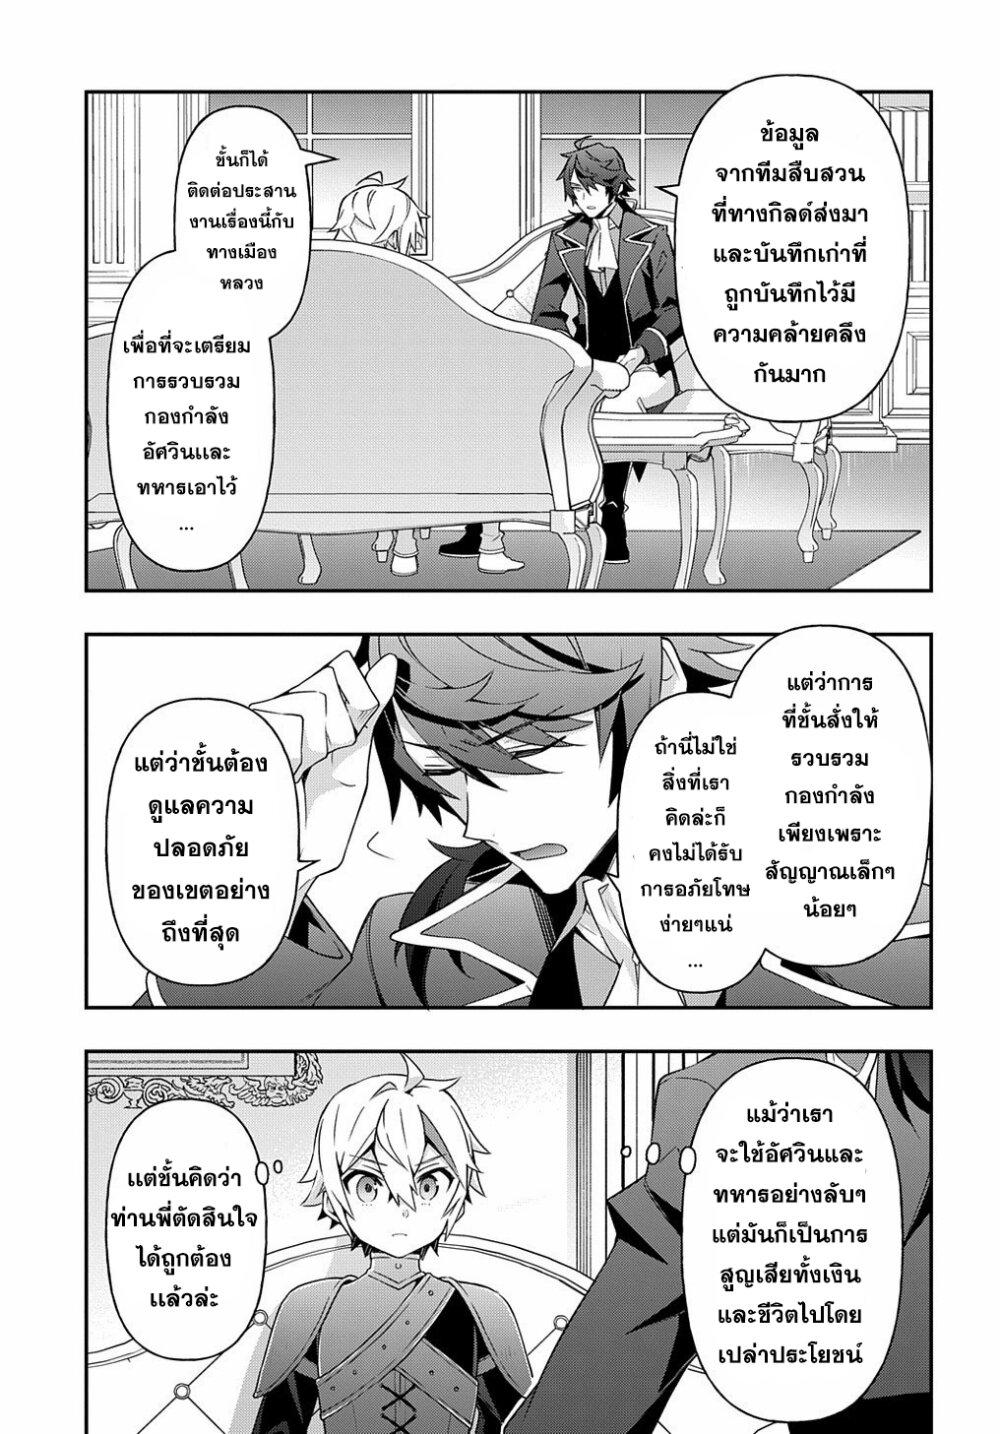 อ่านการ์ตูน Tensei Kizoku no Isekai Boukenroku ~Jichou wo Shiranai Kamigami no Shito~ ตอนที่ 29 หน้าที่ 23